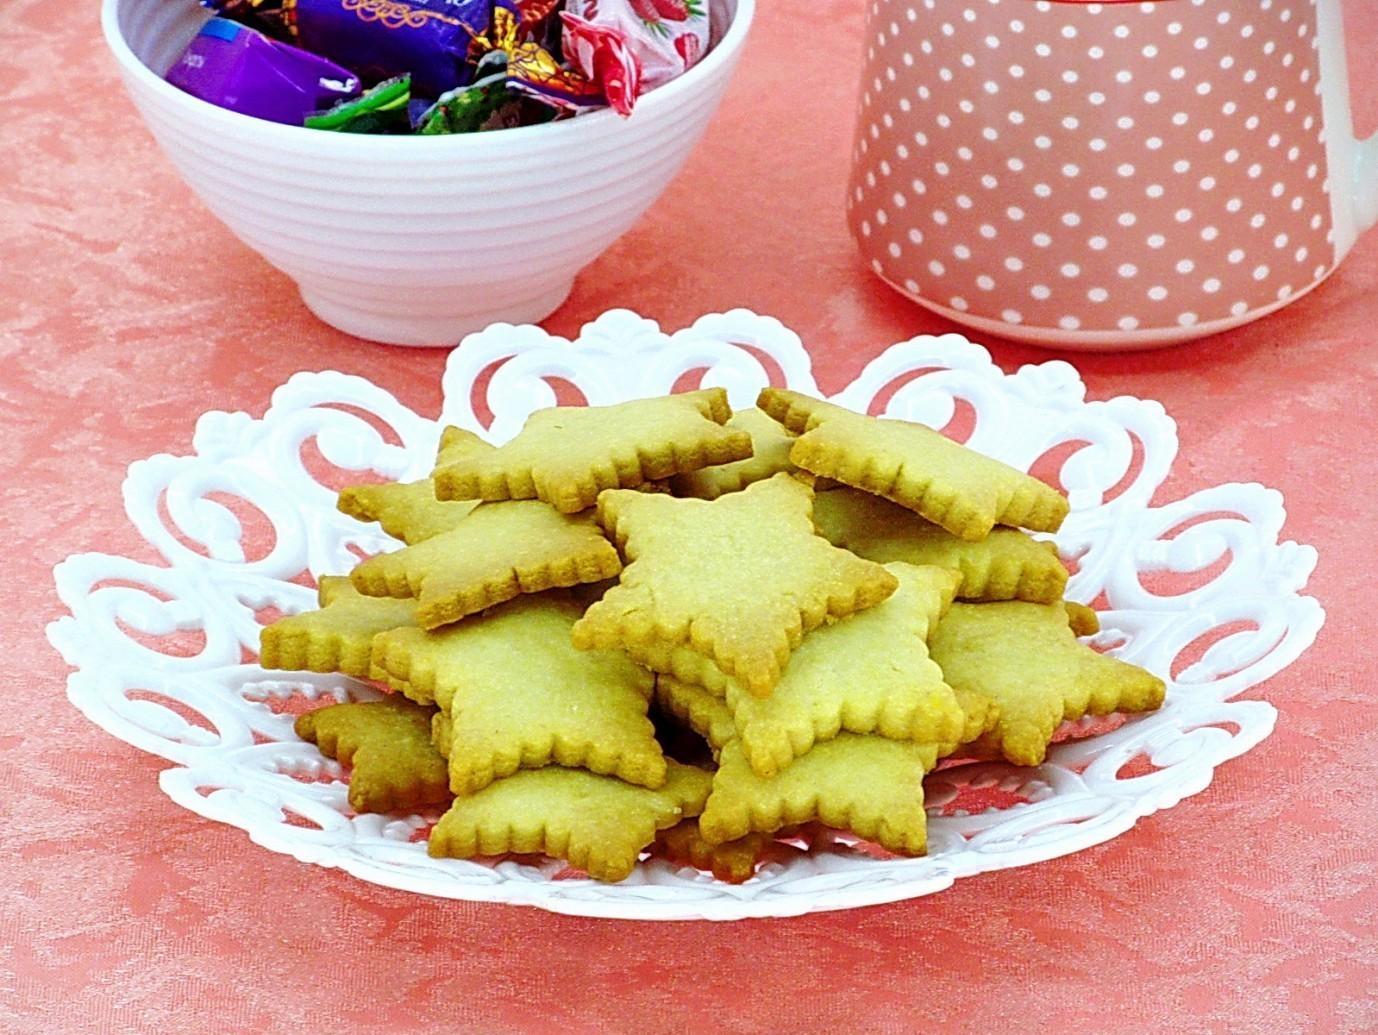 Песочное печенье на растительном масле пошаговый рецепт с фото | 1035x1378